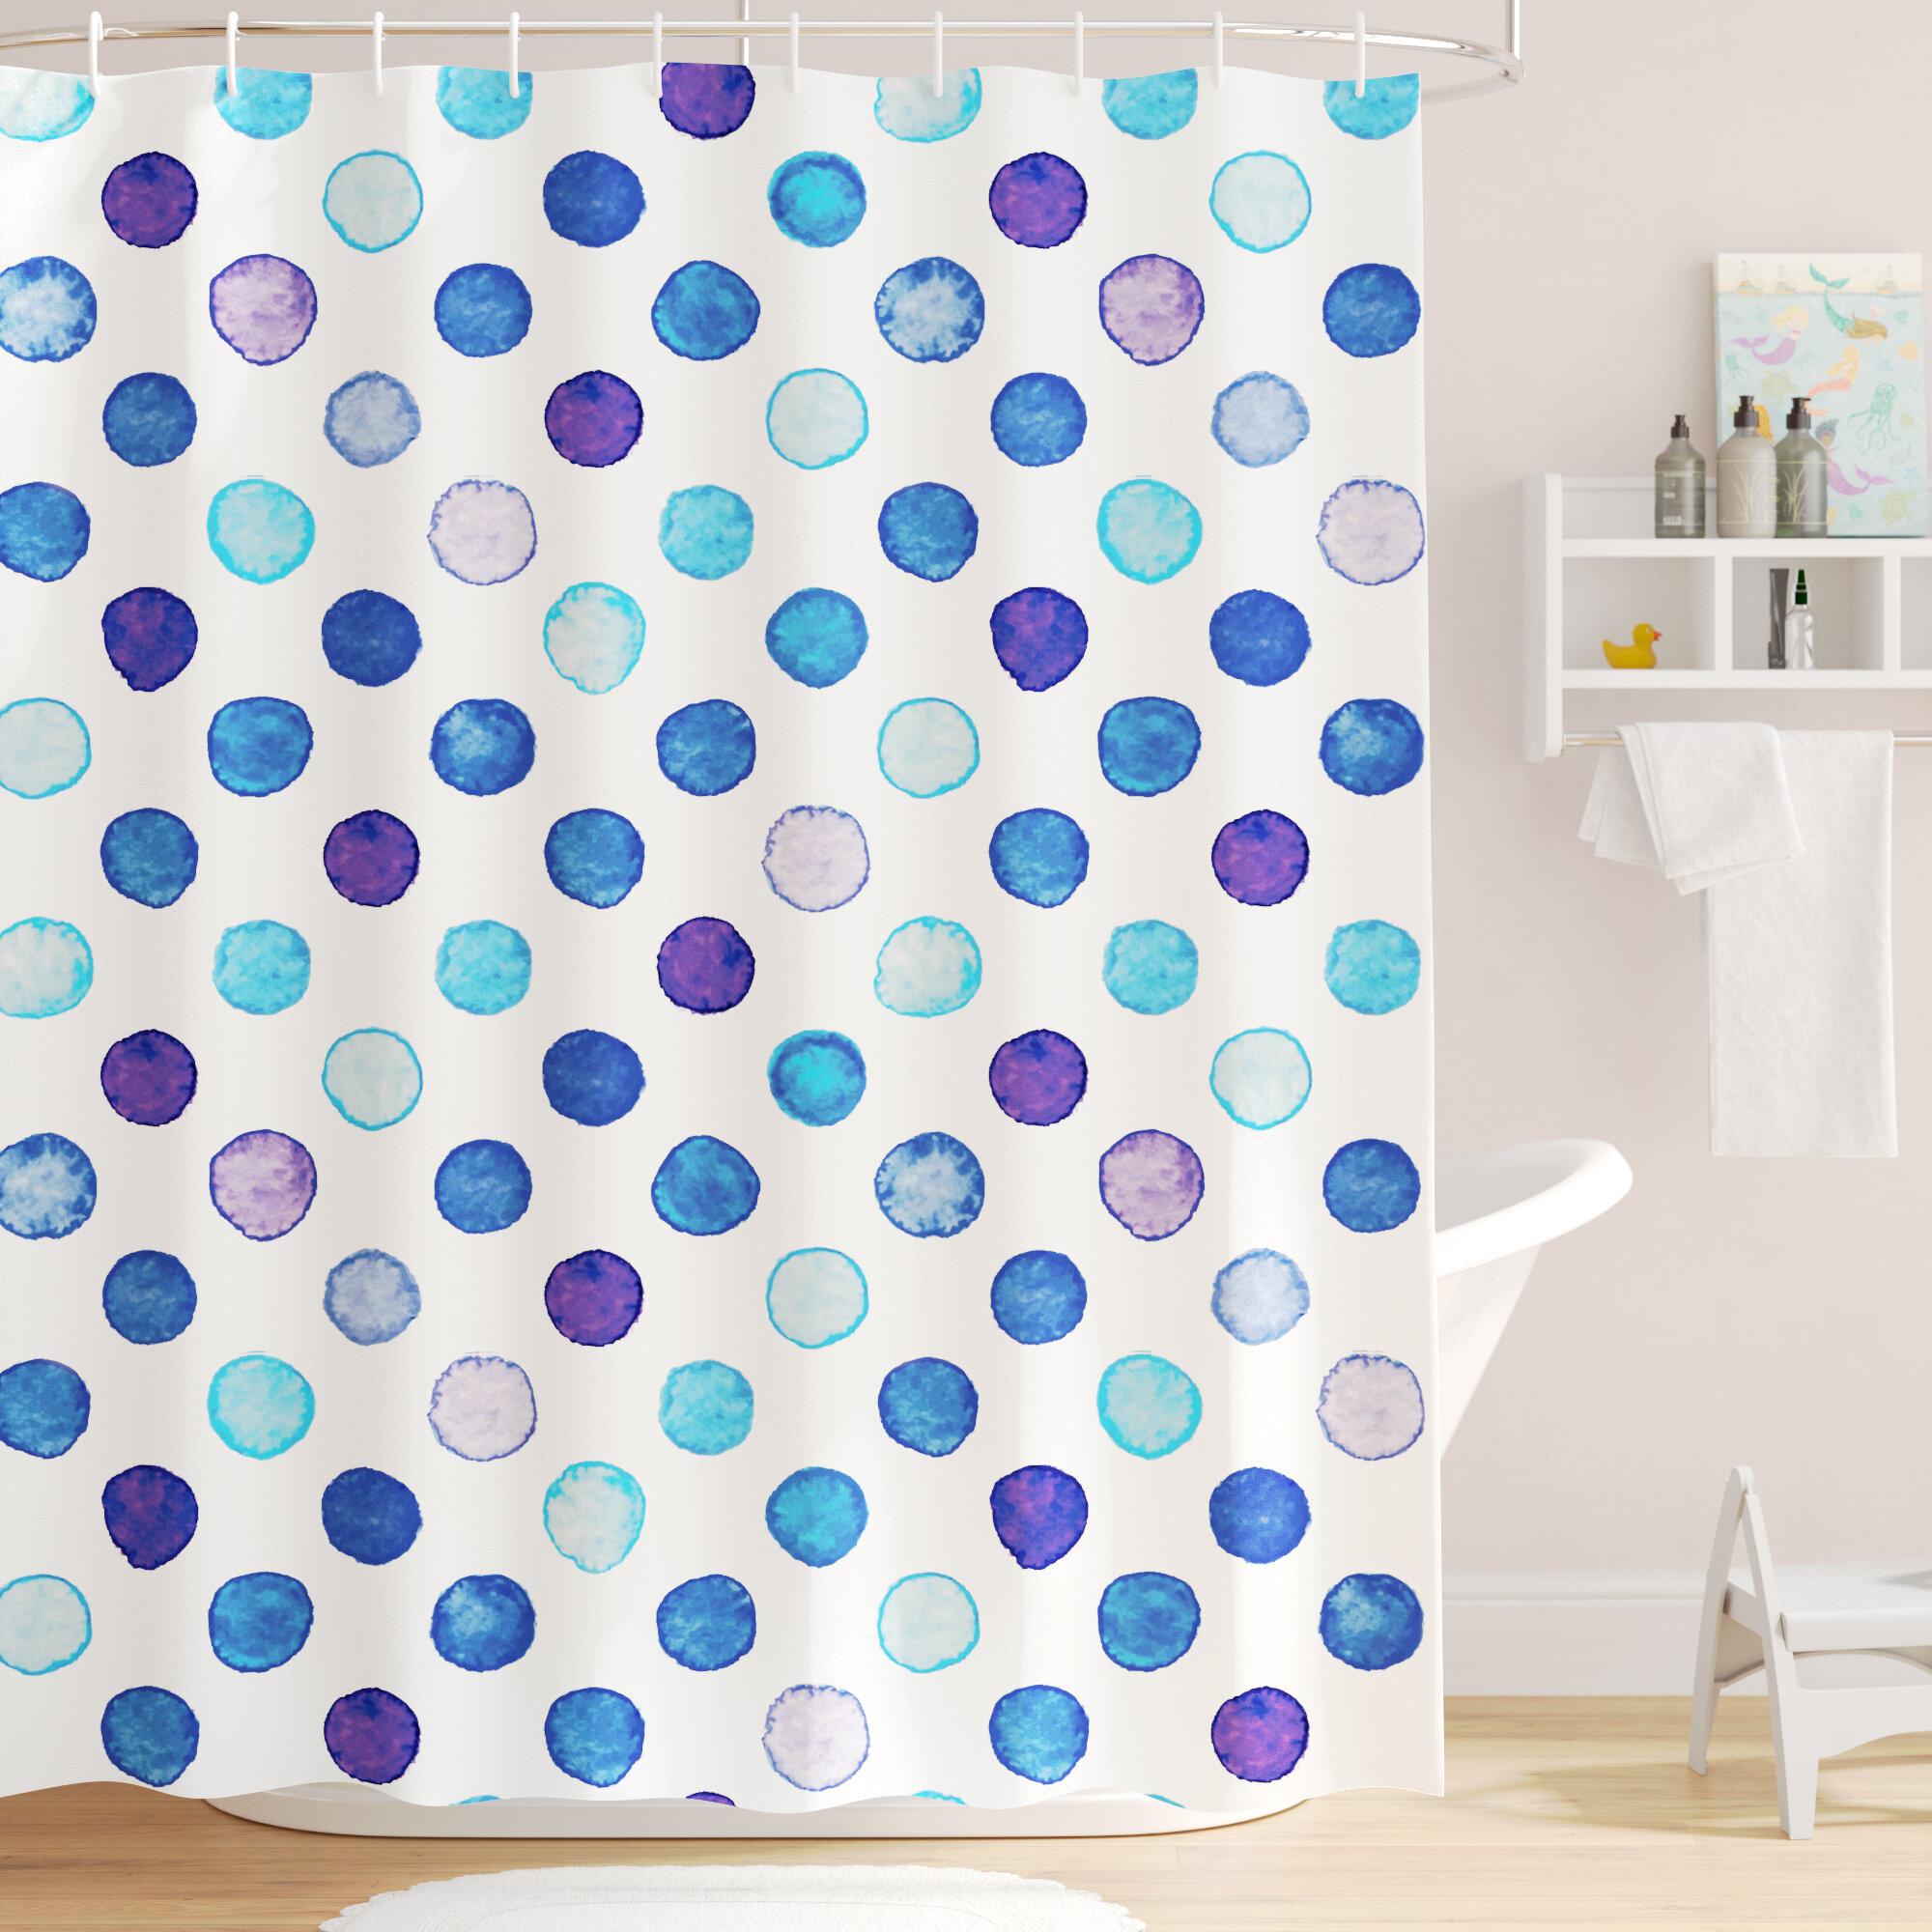 Viv Rae Bradford Vintage Polka Dots Shower Curtain